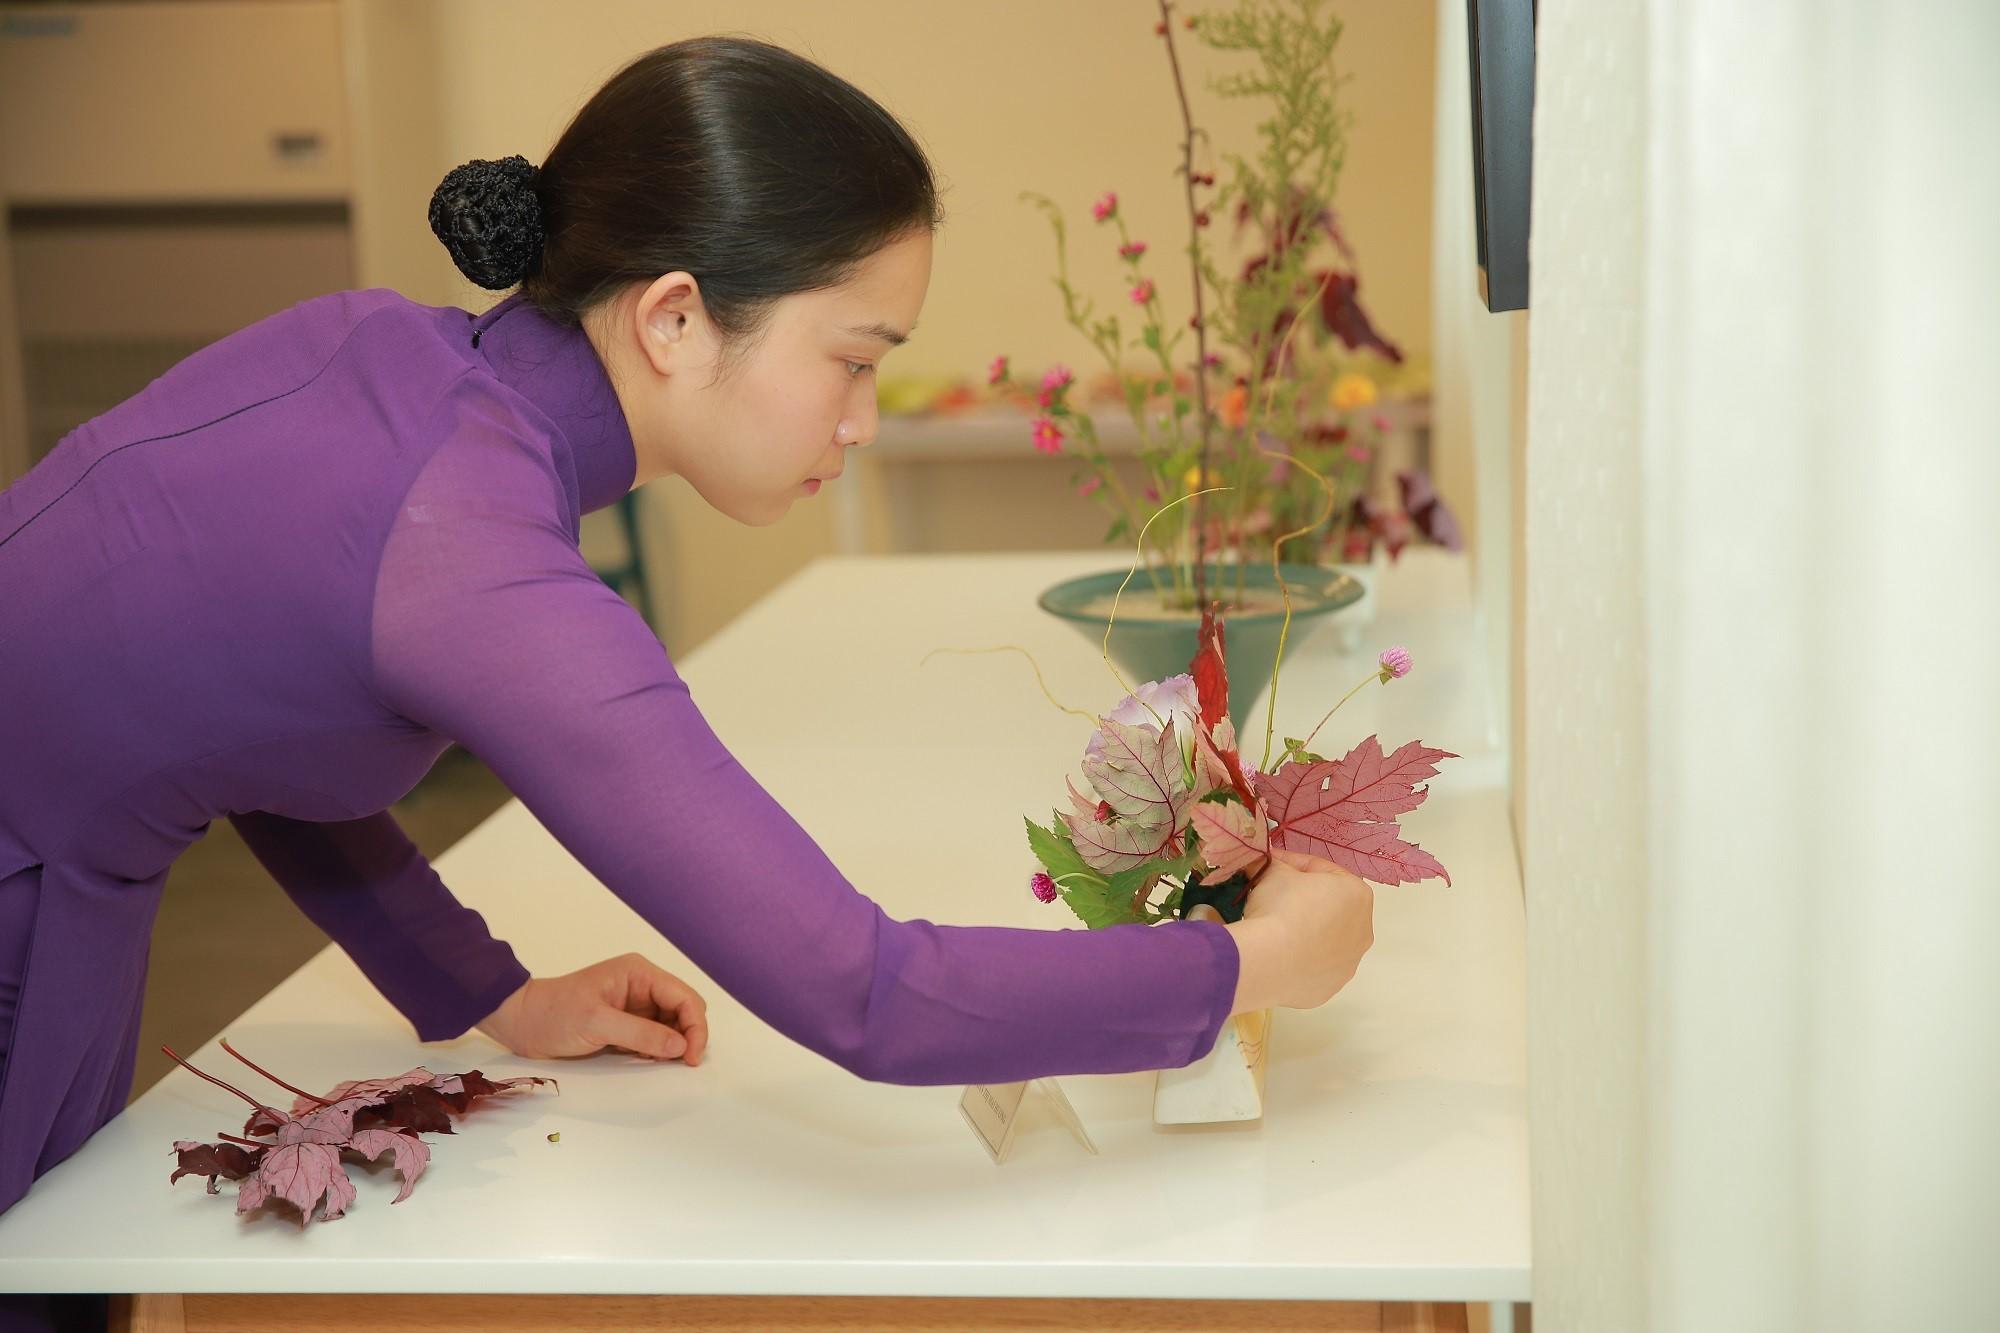 Ra mắt không gian giao lưu văn hóa Việt - Nhật: Điểm đến của những tâm hồn ngưỡng vọng sựtinh tế 3